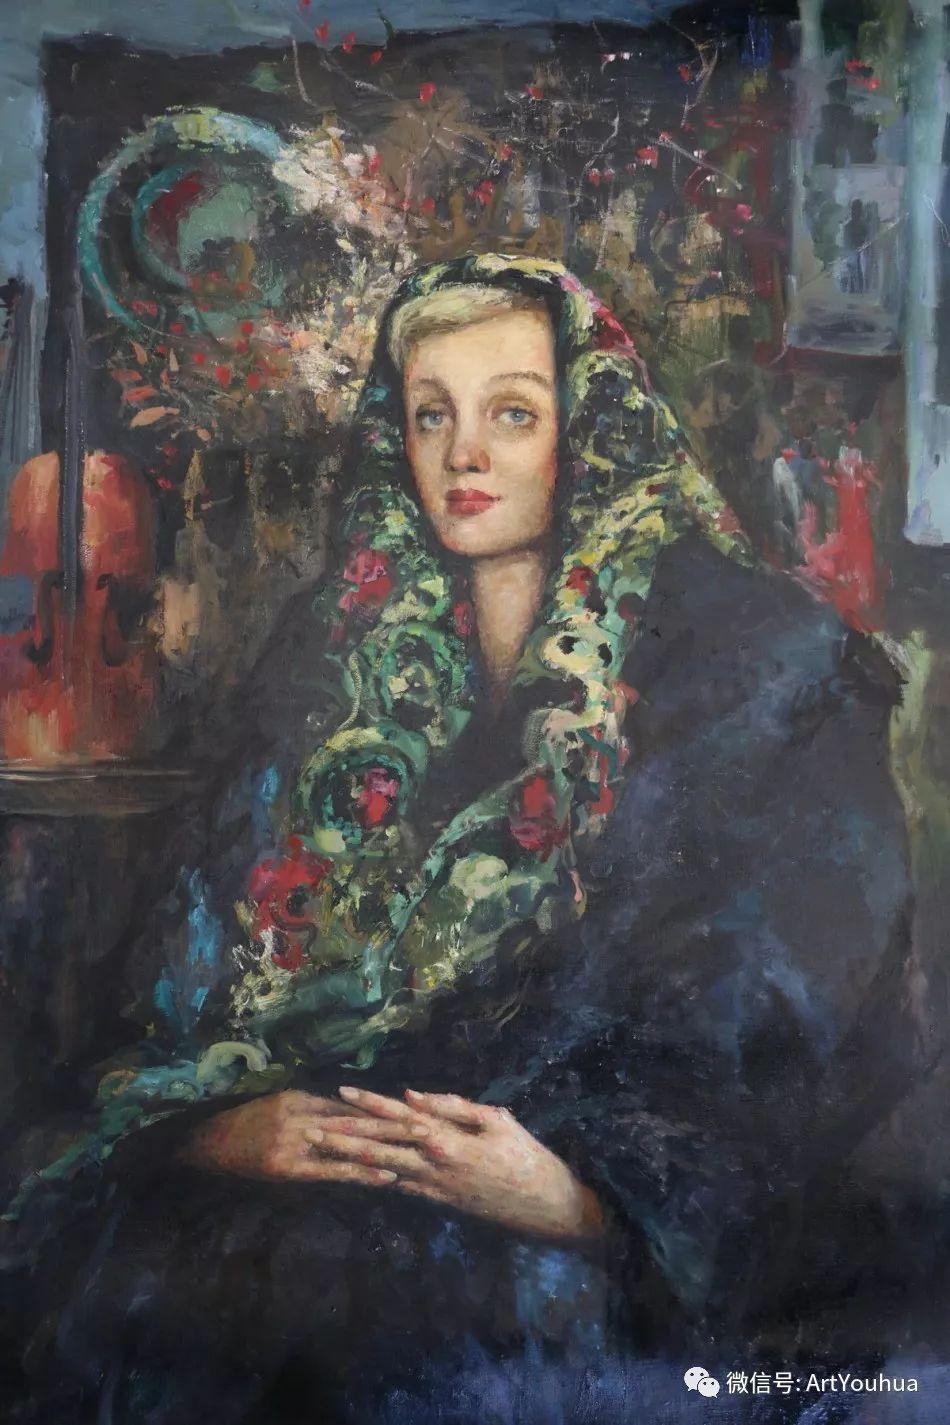 中俄艺术家50年代后期油画即景小品展作品插图135